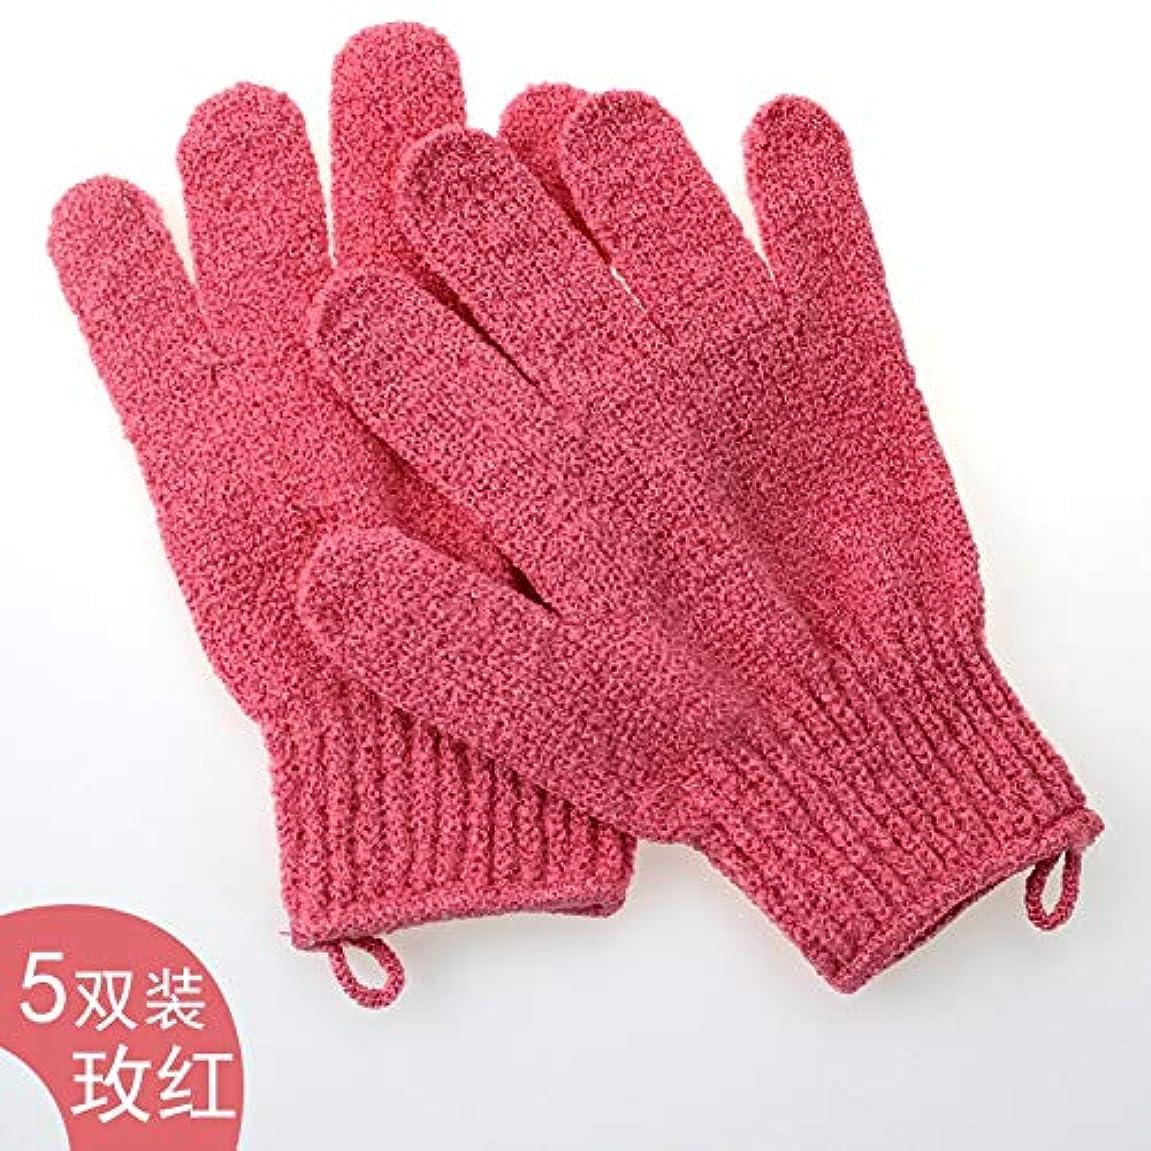 ライオネルグリーンストリート内向き仕出しますBTXXYJP お風呂用手袋 シャワー手袋 あかすり ボディタオル ボディブラシ やわらか バス用品 男女兼用 角質除去 (Color : Red)